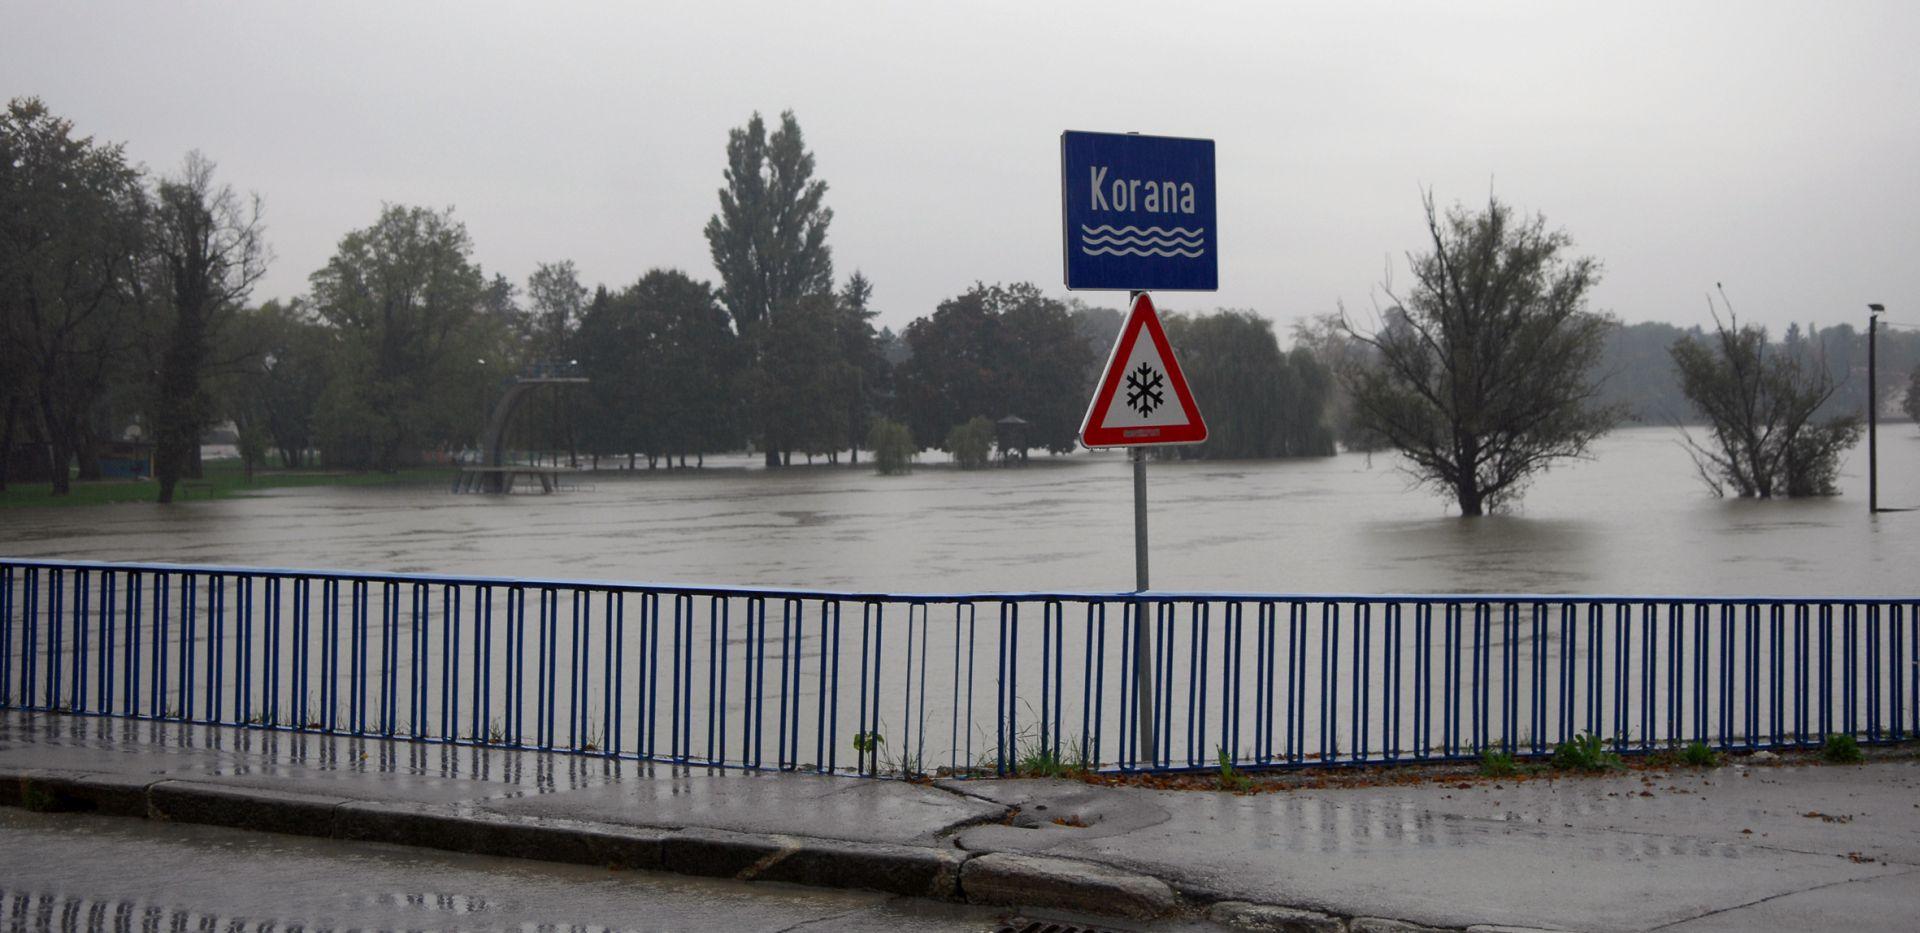 """U KARLOVCU OGLAŠENA OPĆA OPASNOST Gradska uprava: """"Pozivamo građane da ostanu smireni"""""""